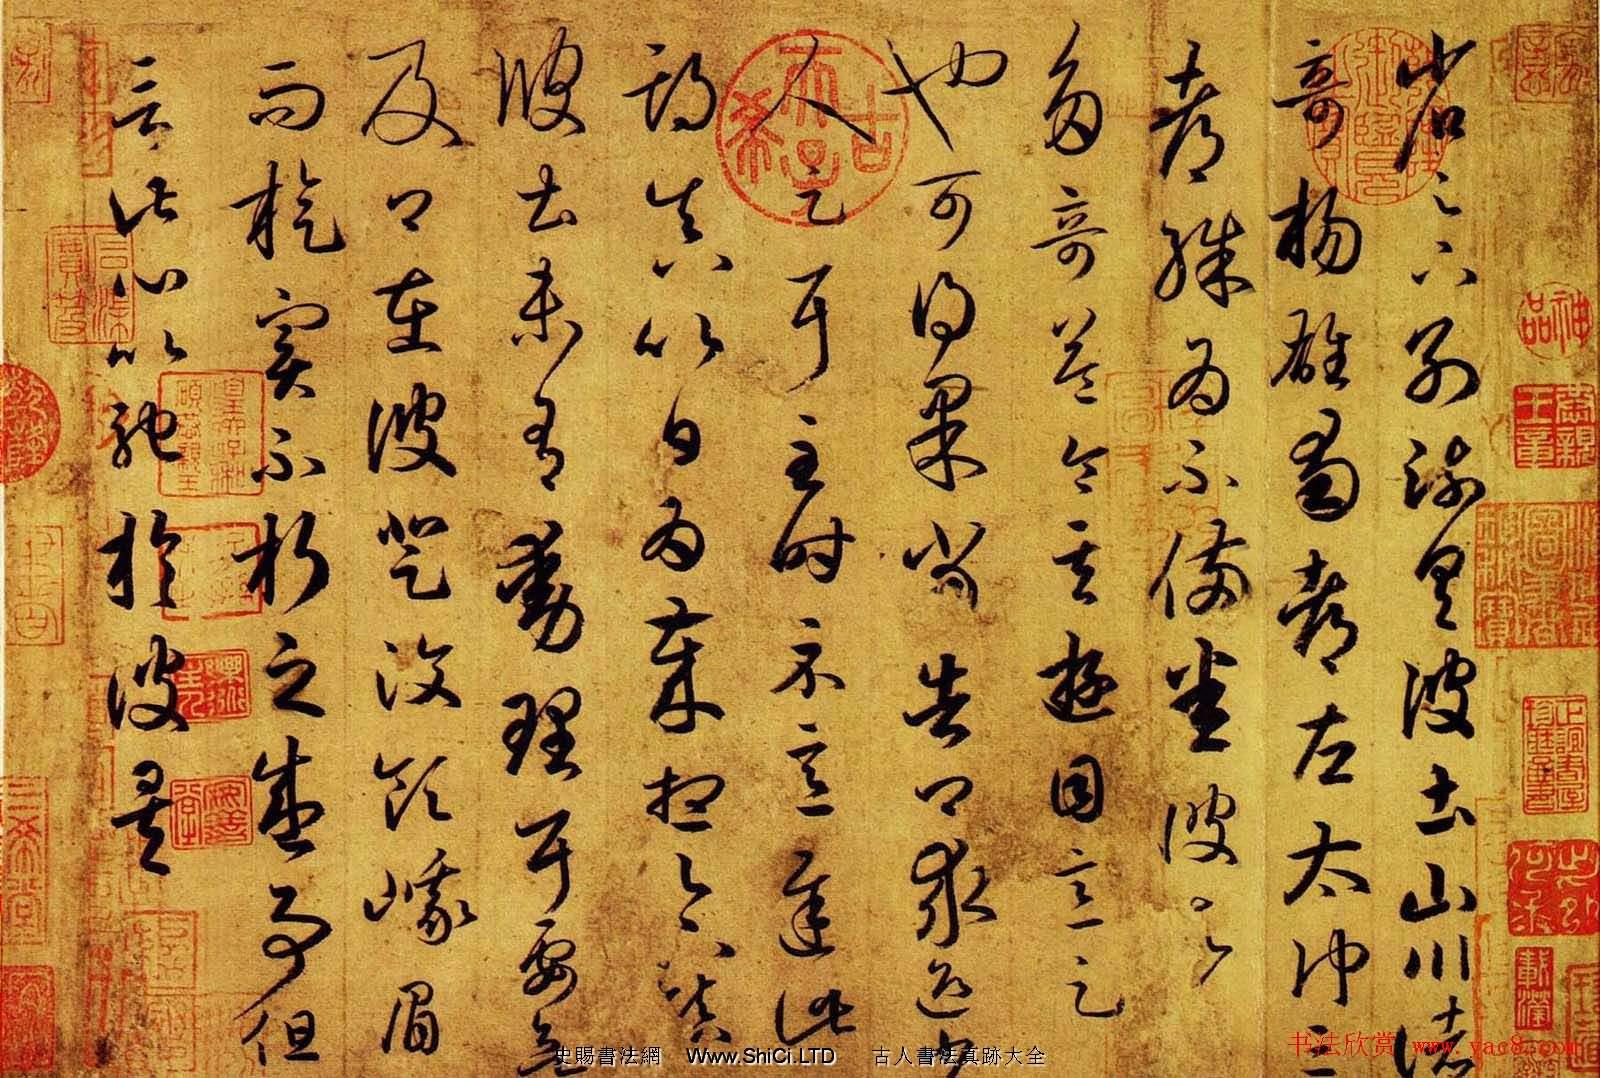 王羲之草書信札真跡欣賞《遊目帖》三種(共5張圖片)